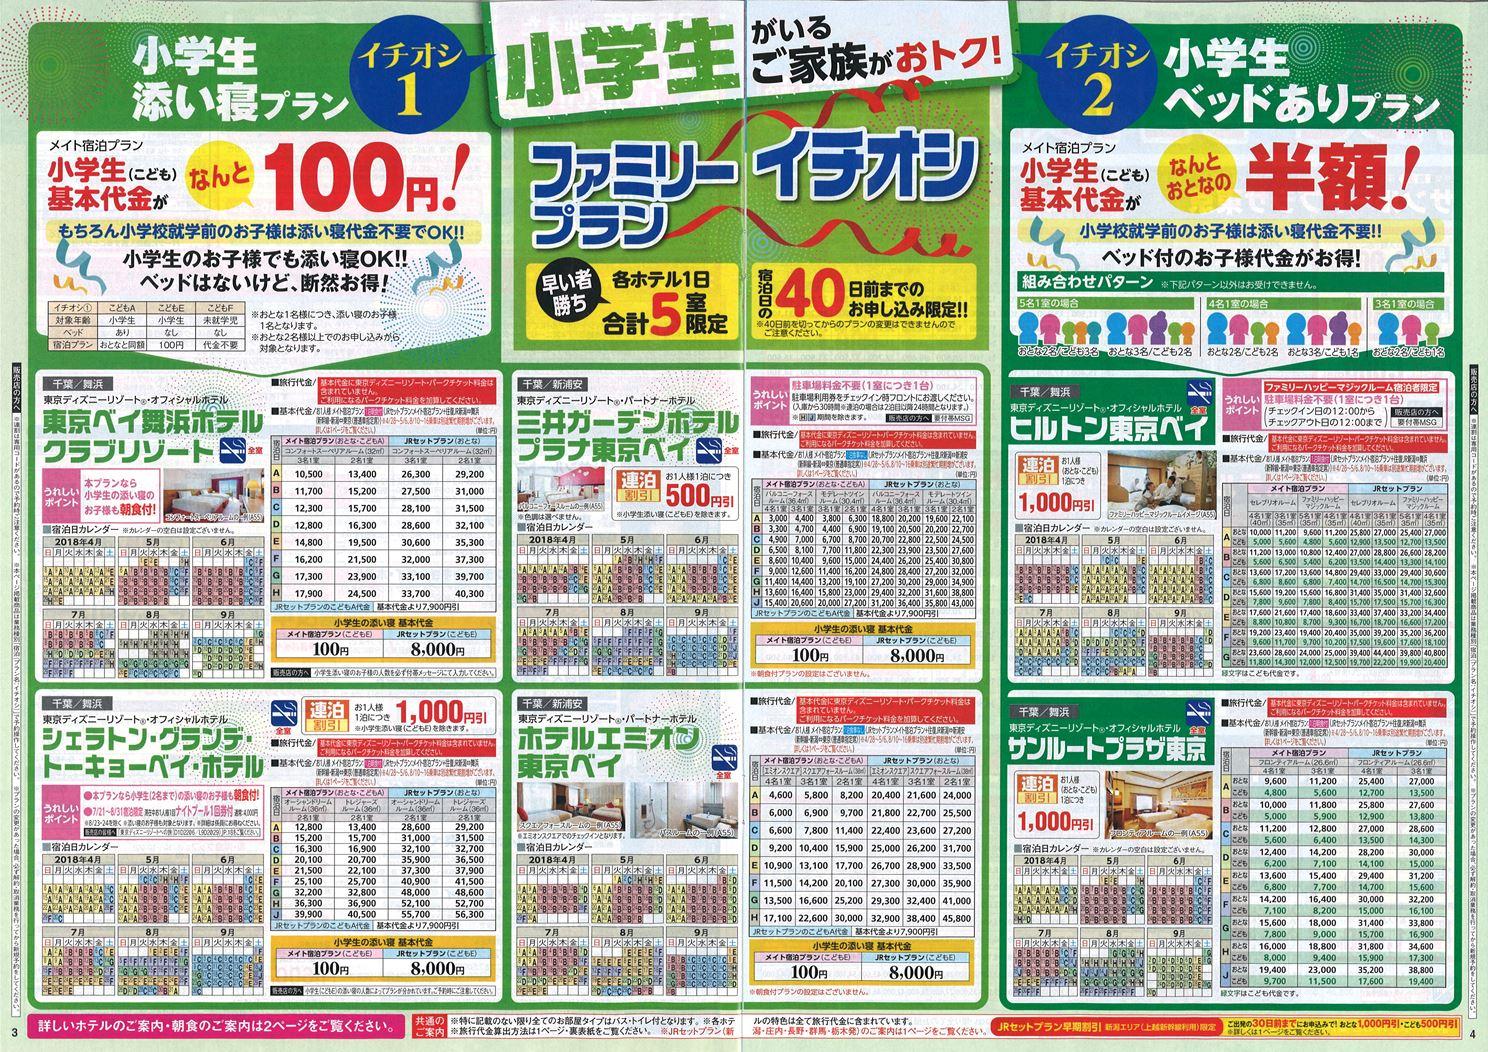 旅行・ツアー > 国内旅行 > 別冊特集号 東京ディズニーリゾートの旅